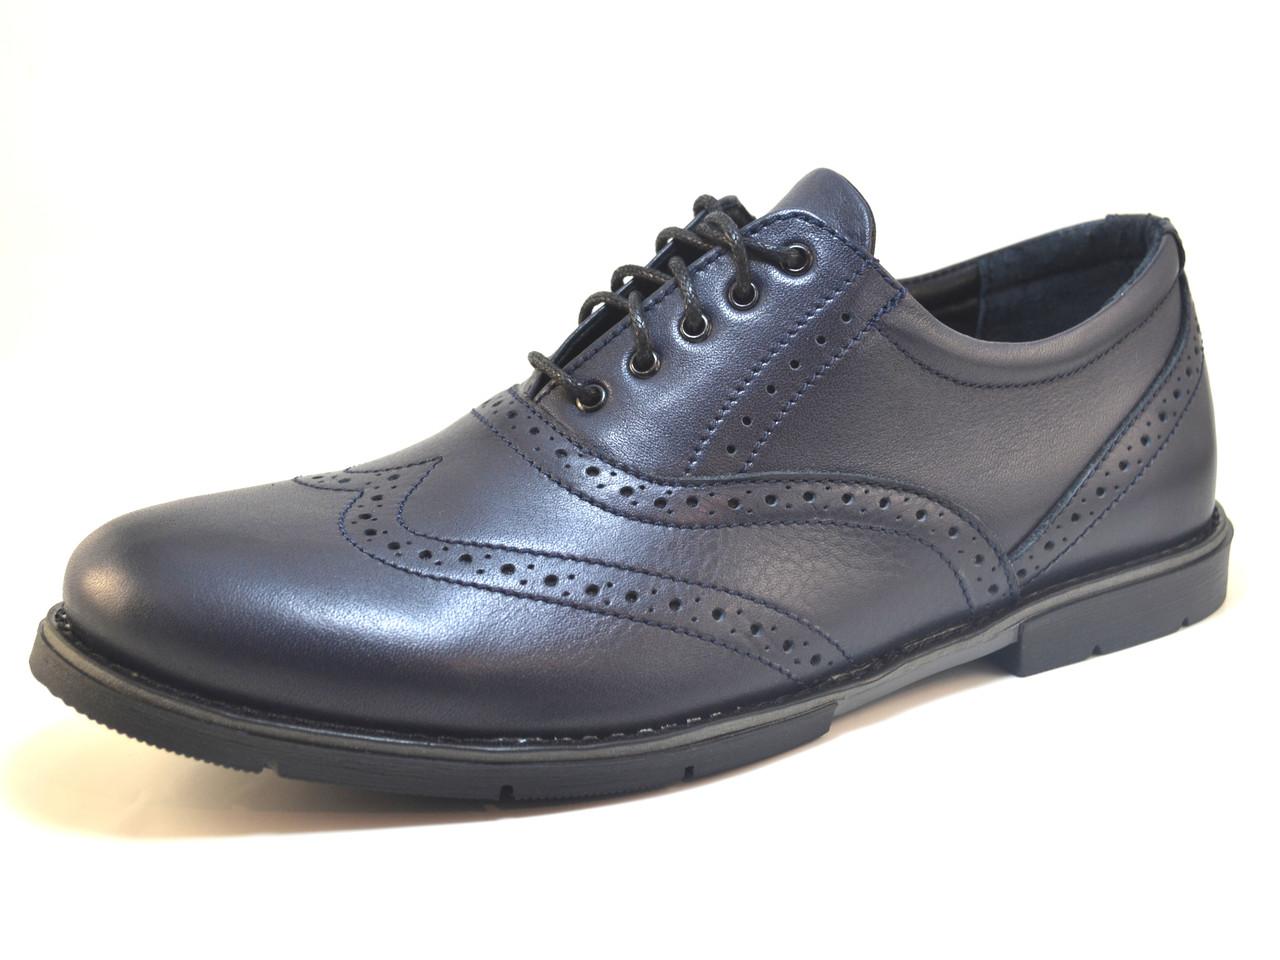 Обувь большой размер туфли мужские кожаные броги Rosso Avangard BS Felicete Uomo Blu Pelle синие